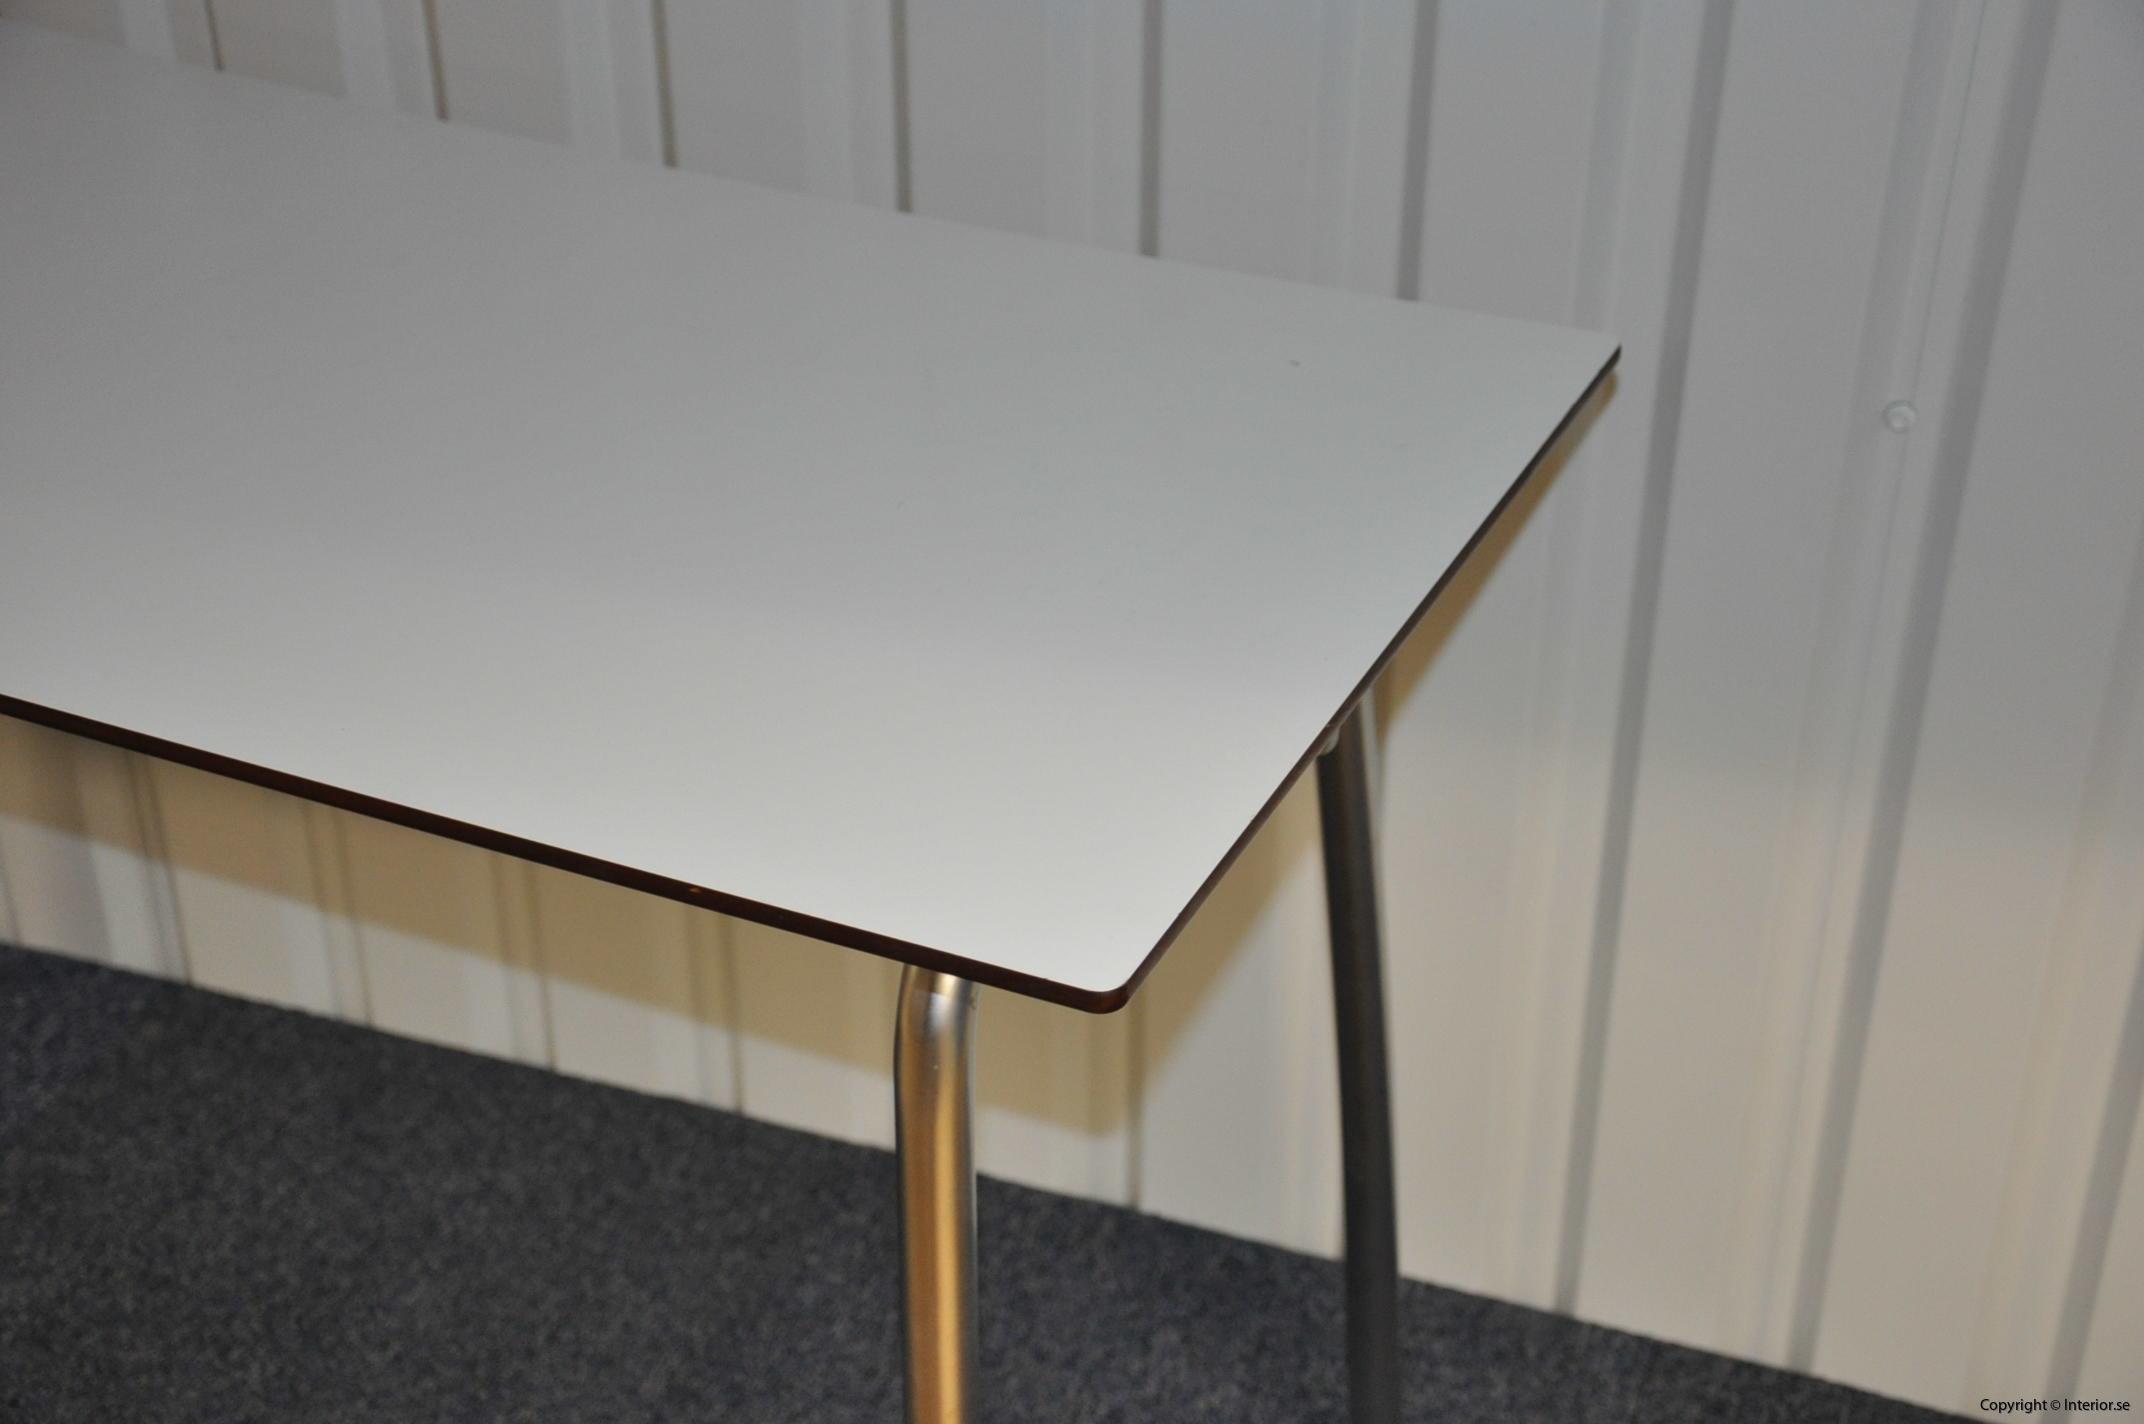 Hopfällbara bord, fällbara konferensbord, vit laminat 120 x 70 cm (5)